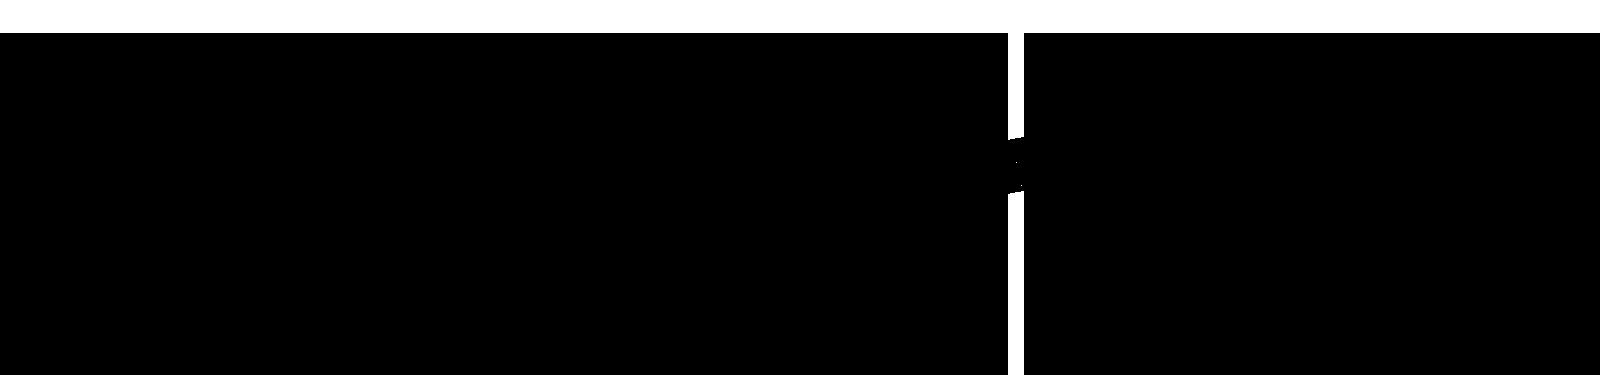 Jigokuhen - Jigokuhen